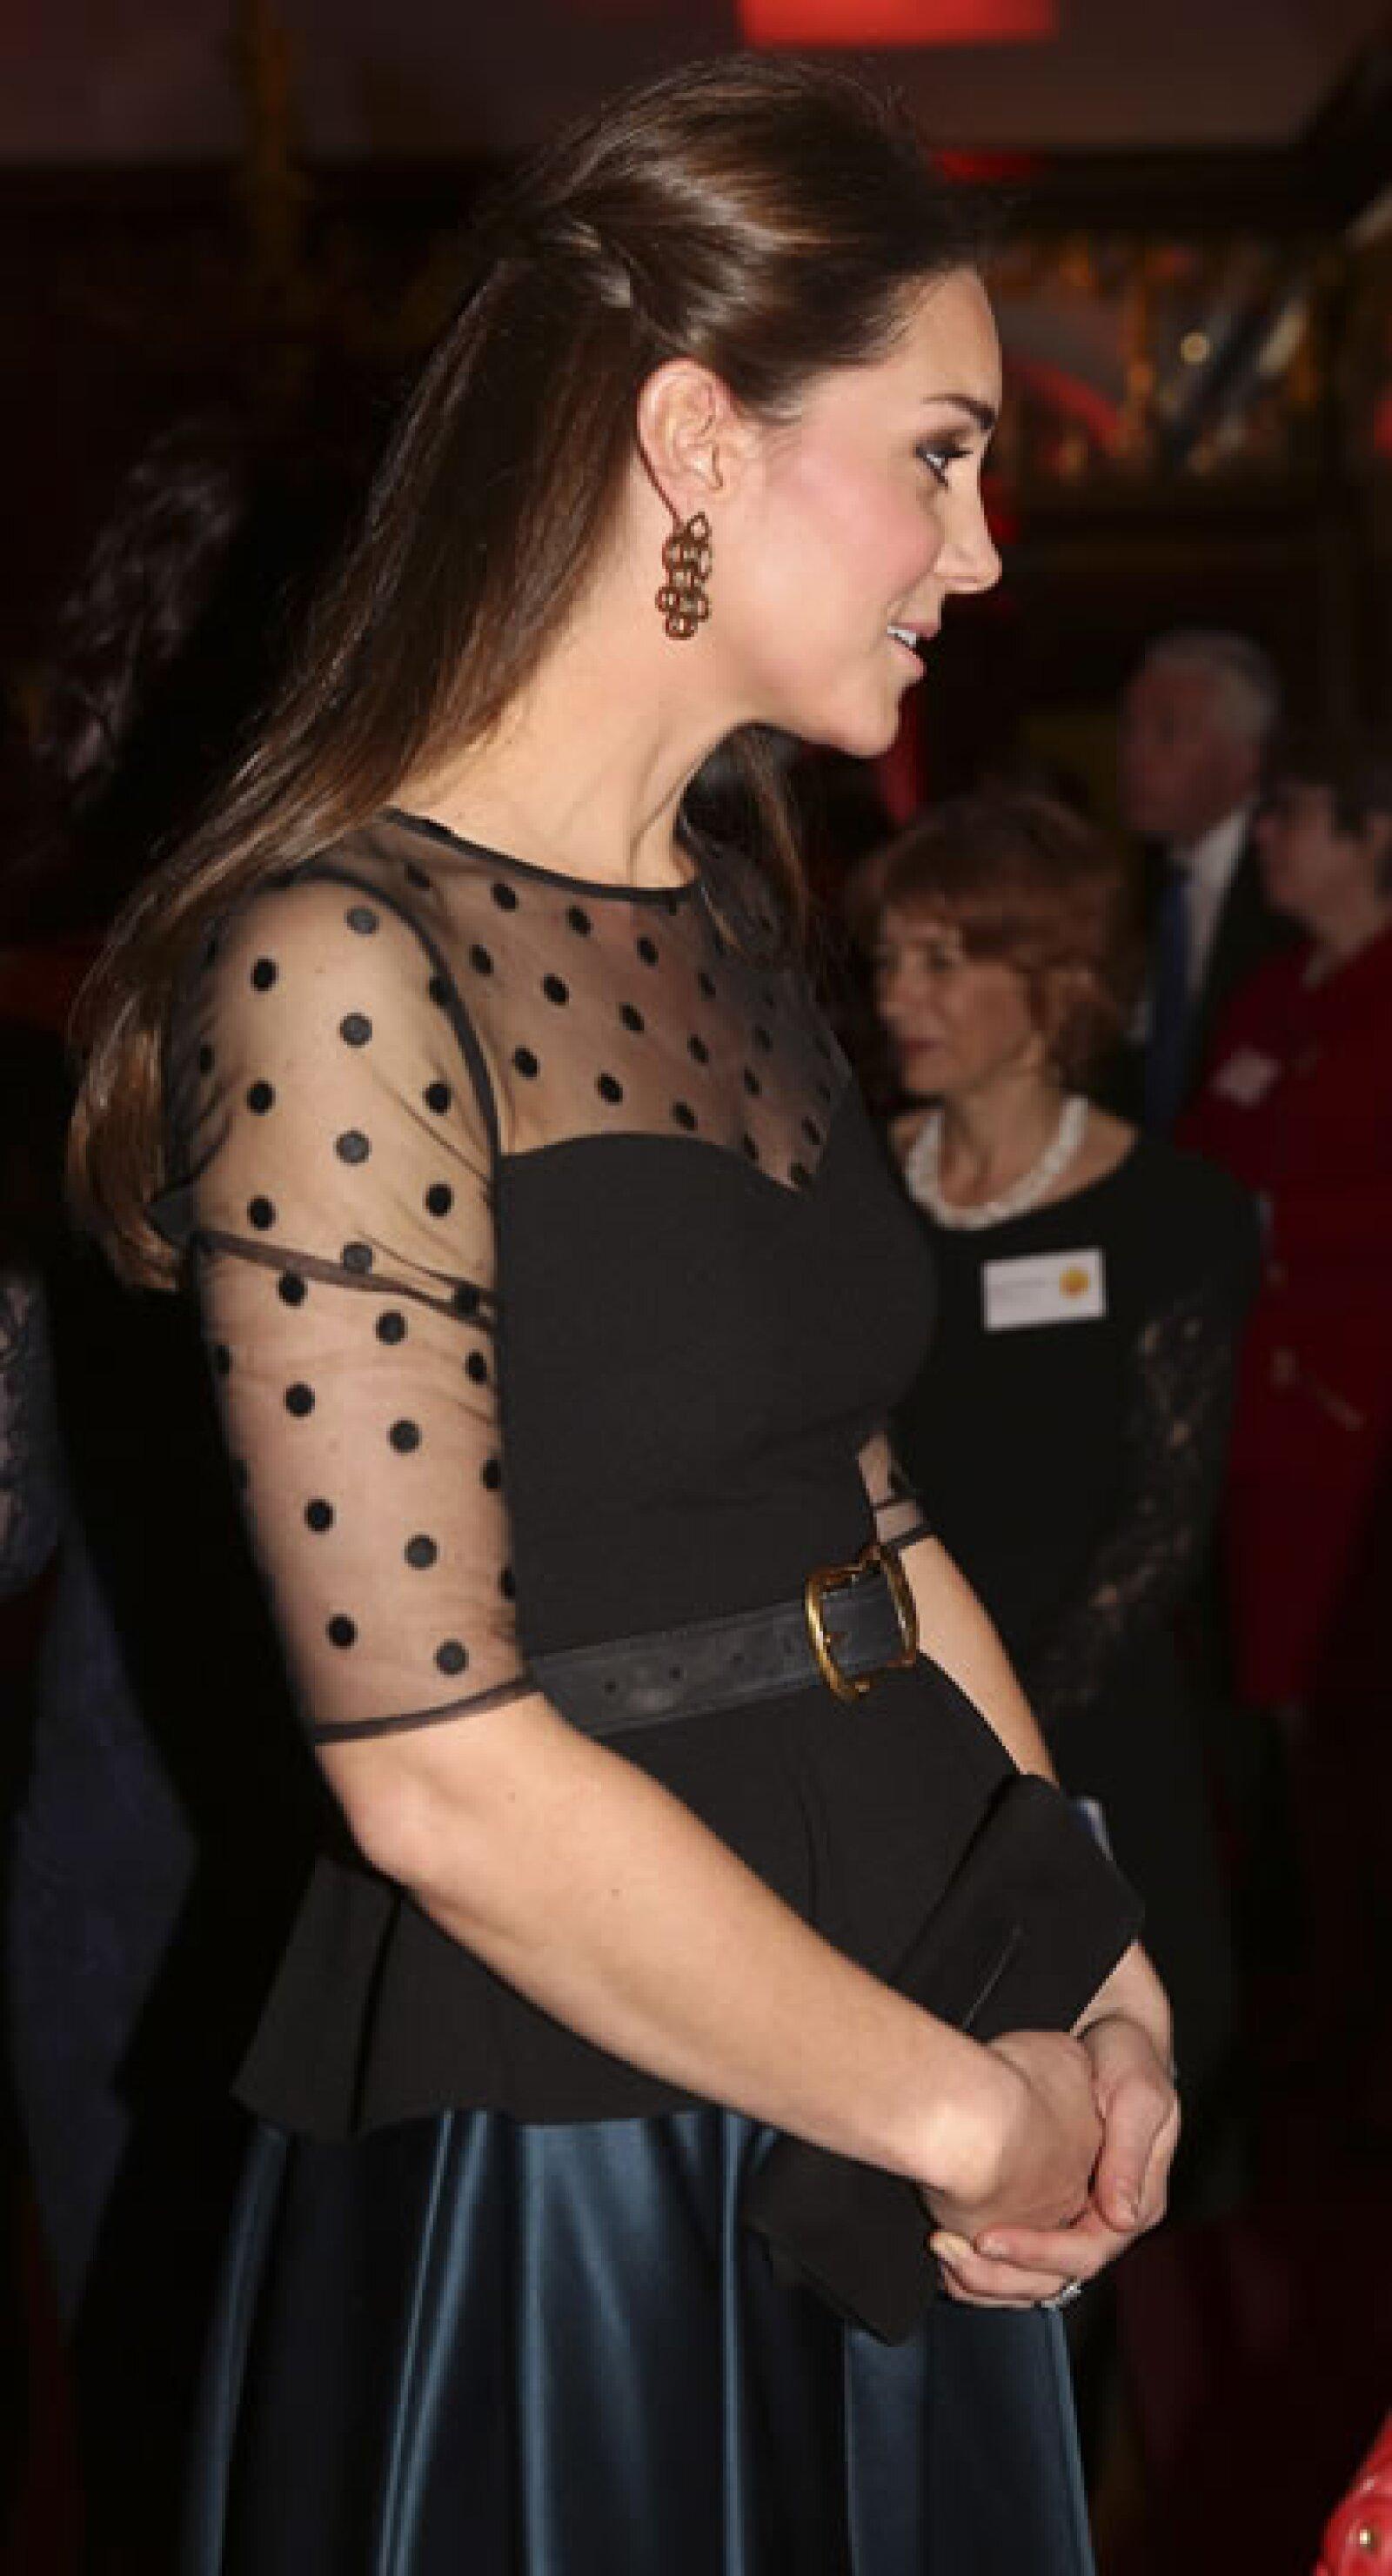 Noviembre 19 elección de Kate falda y blusa.